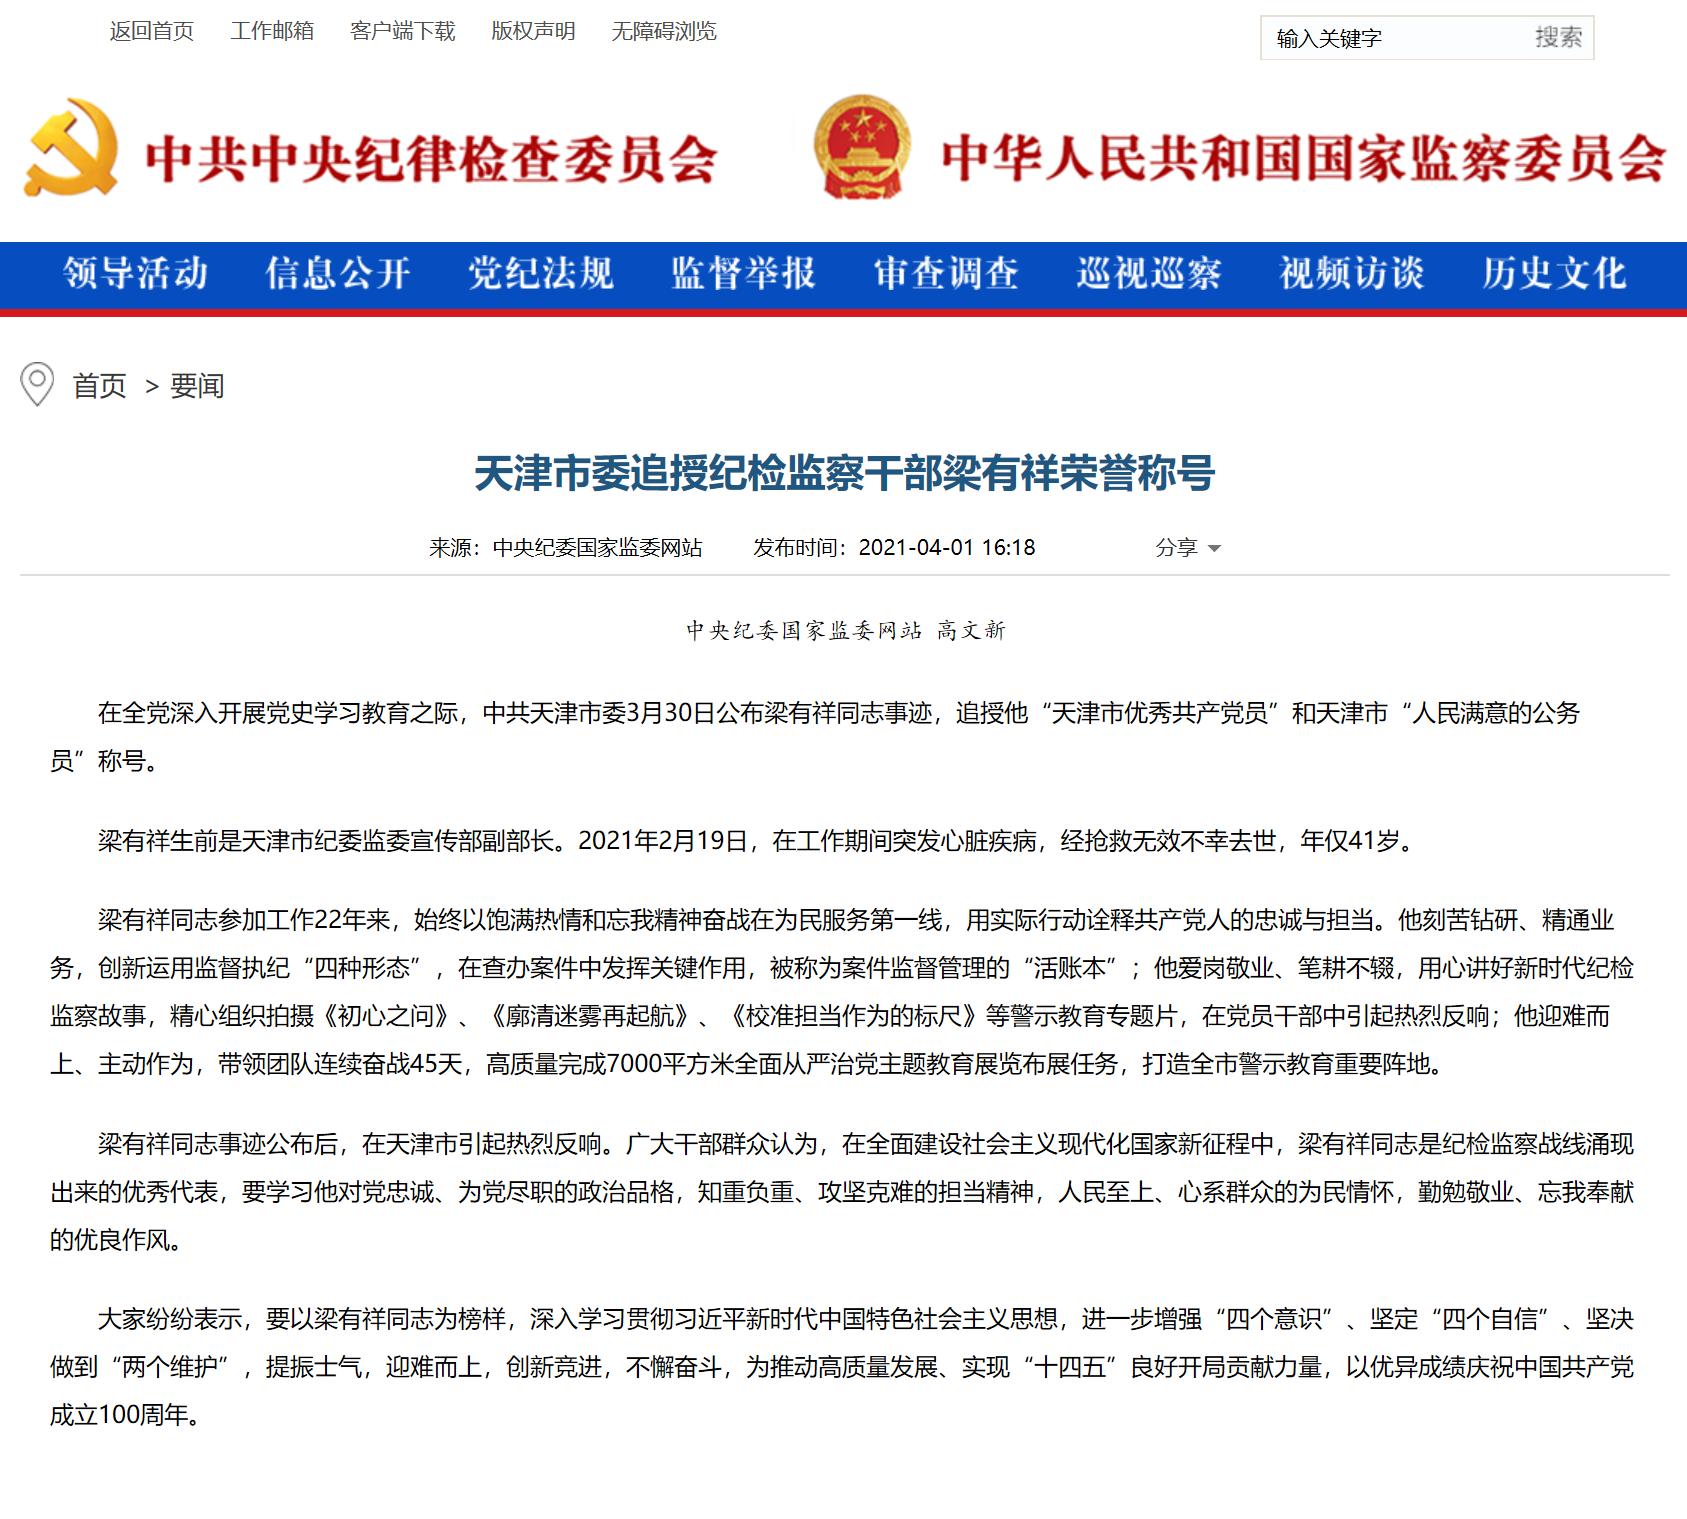 天津市委追授纪检监察干部梁有祥荣誉称号